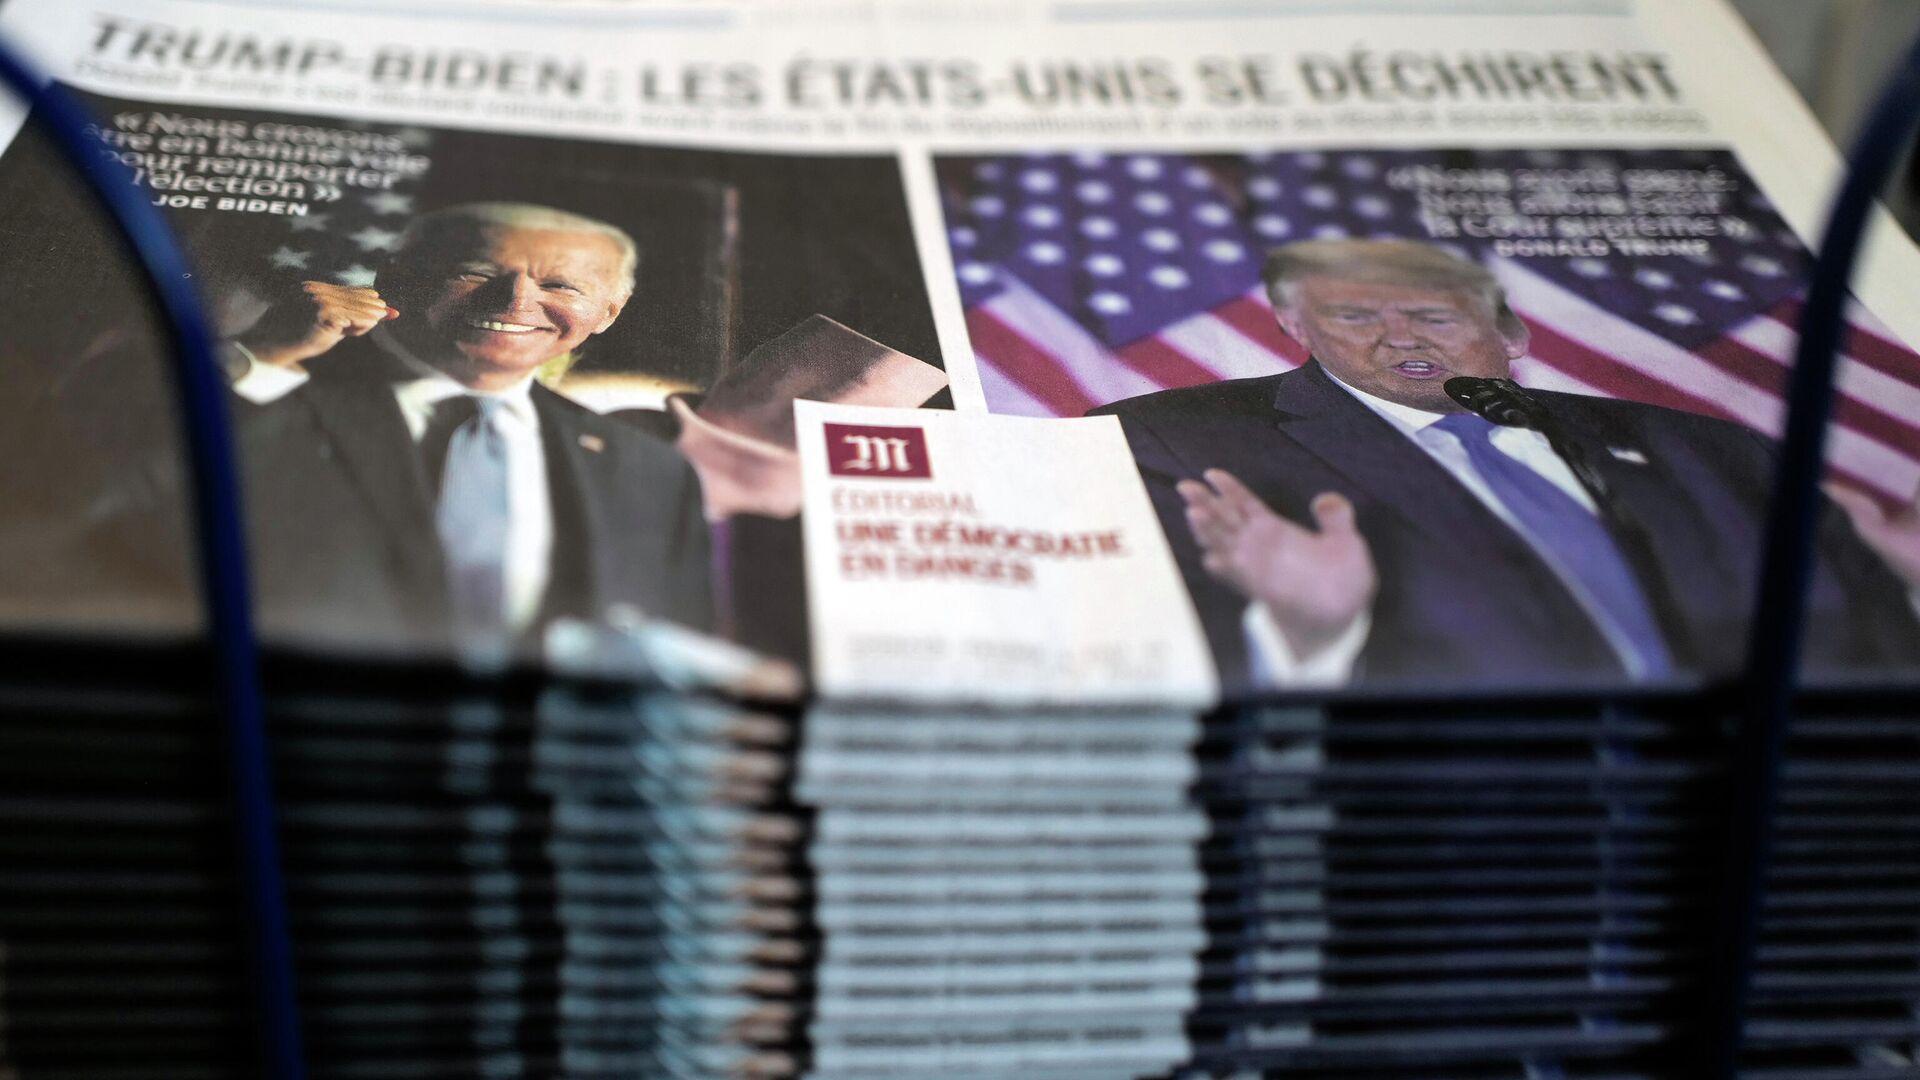 Первая страница газеты о президентских выборах в США - РИА Новости, 1920, 06.11.2020